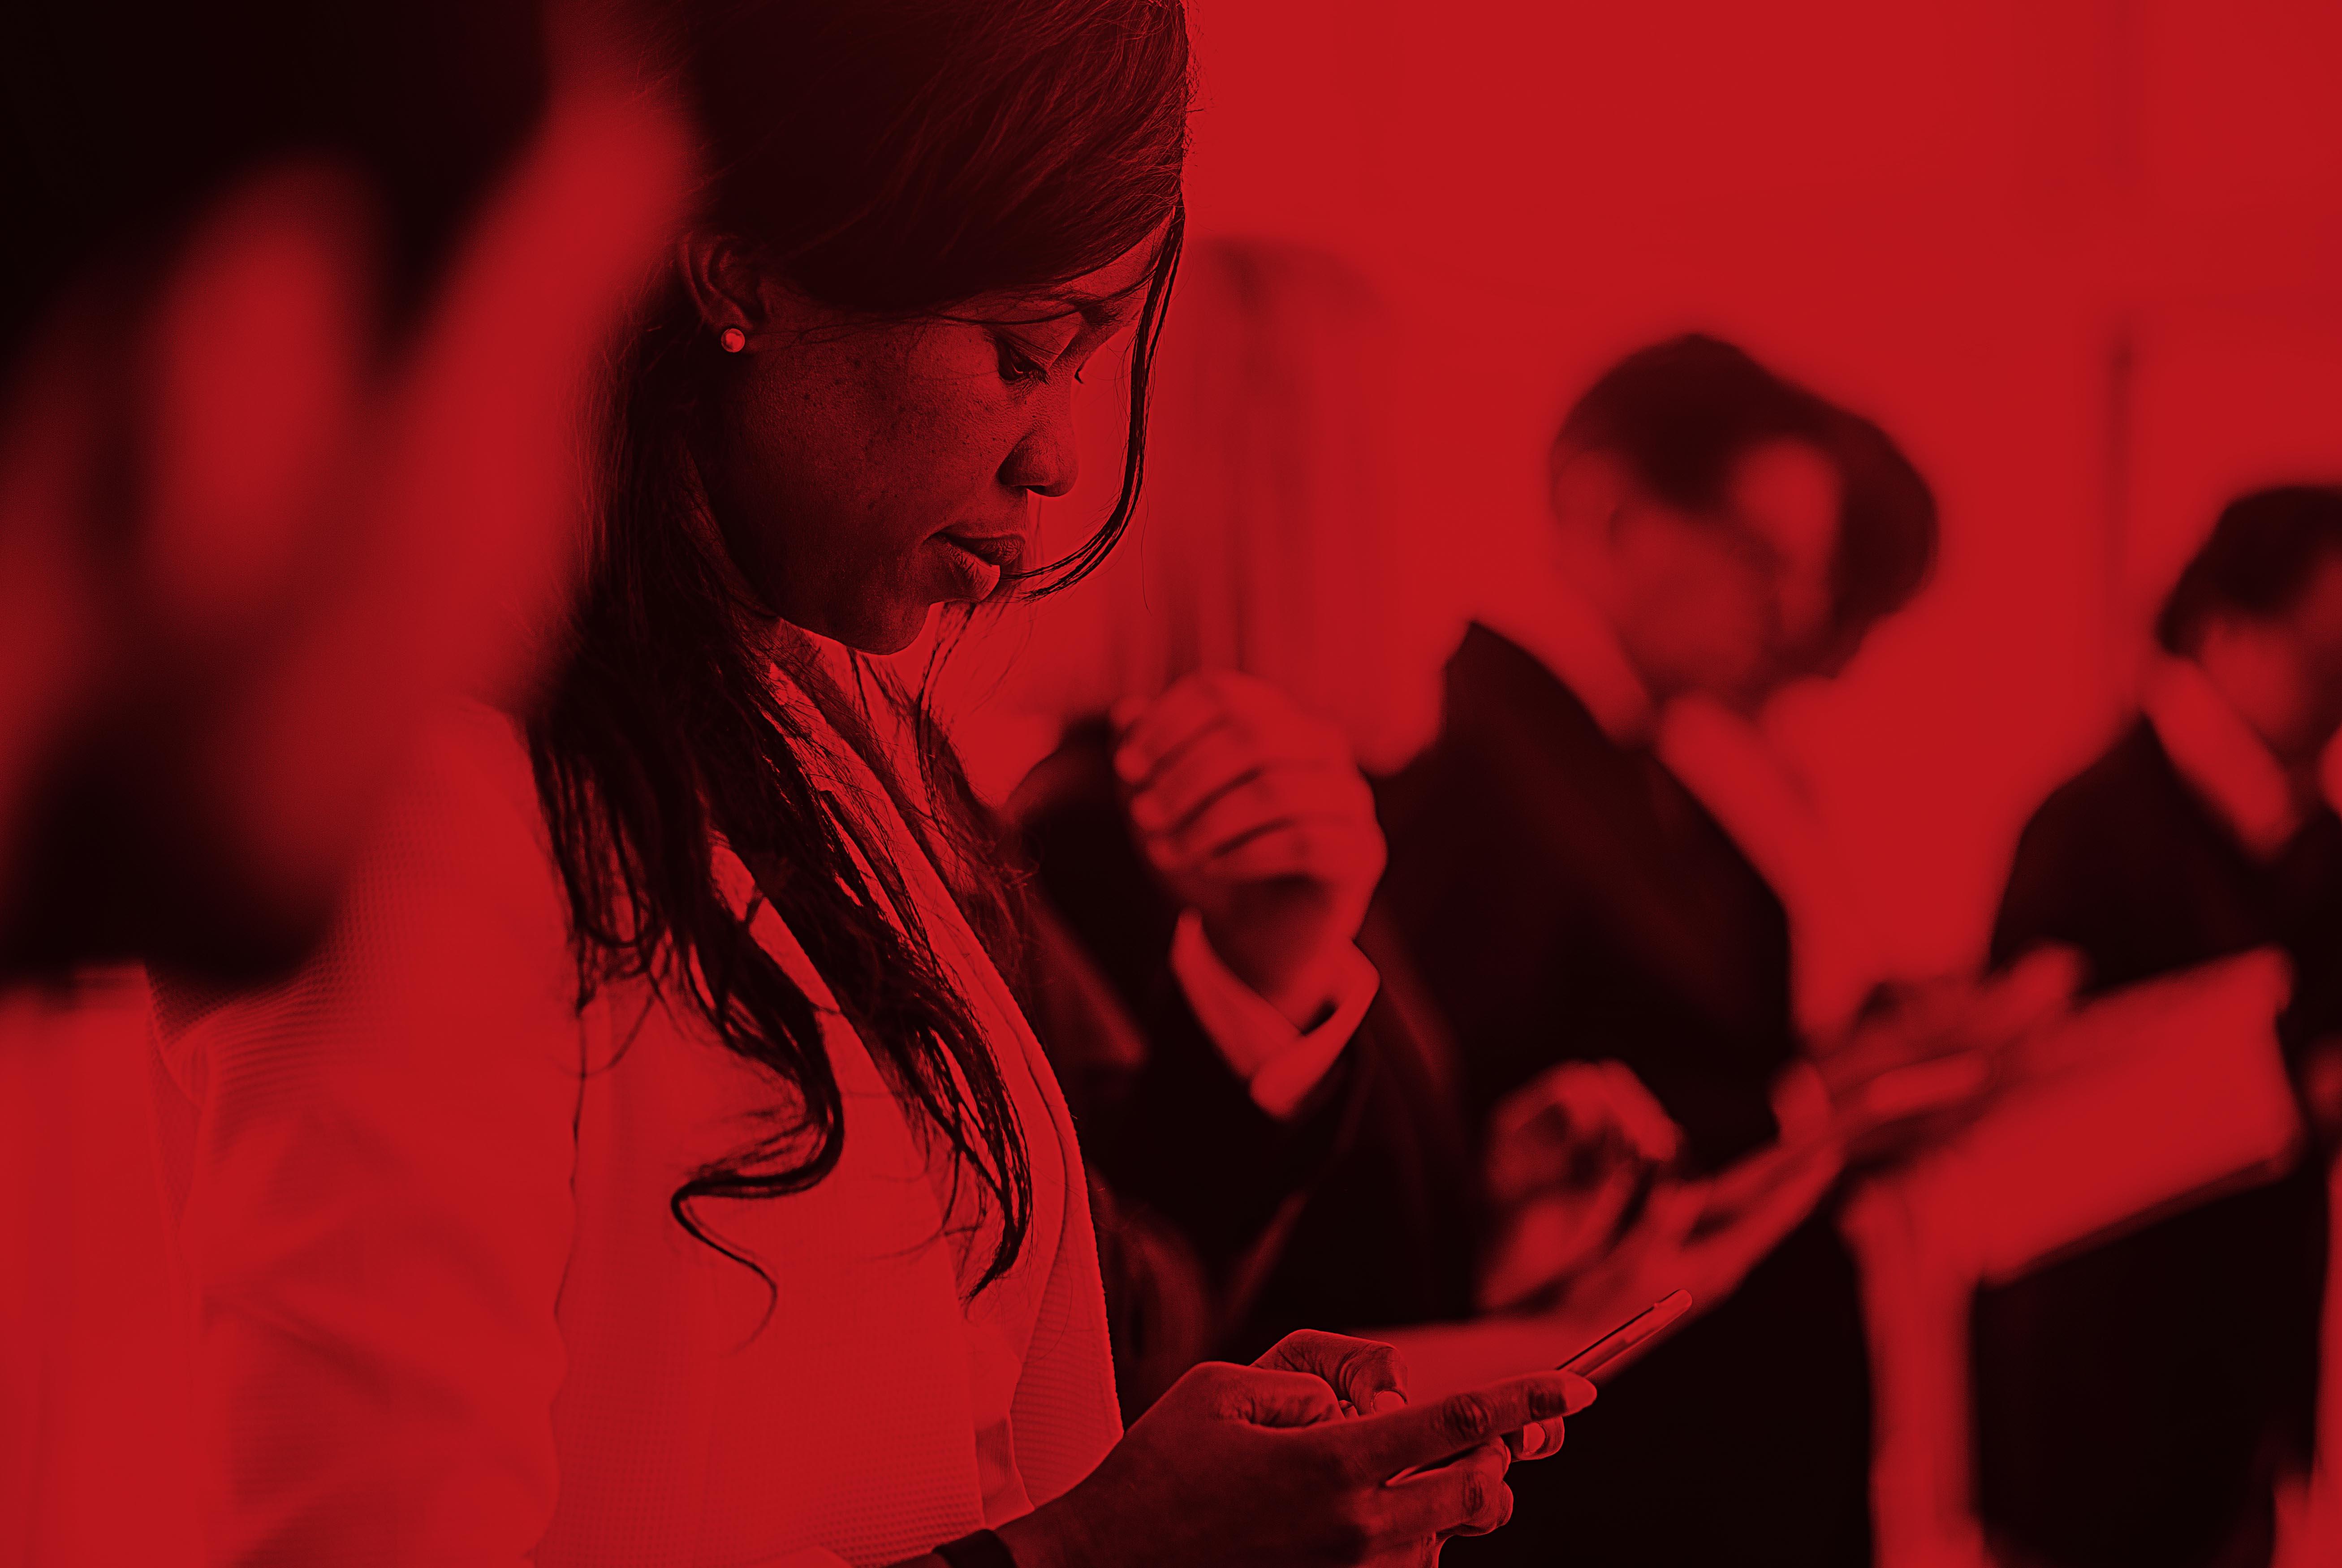 Woman_Looking_Down_Tablet_Side_Red.jpg